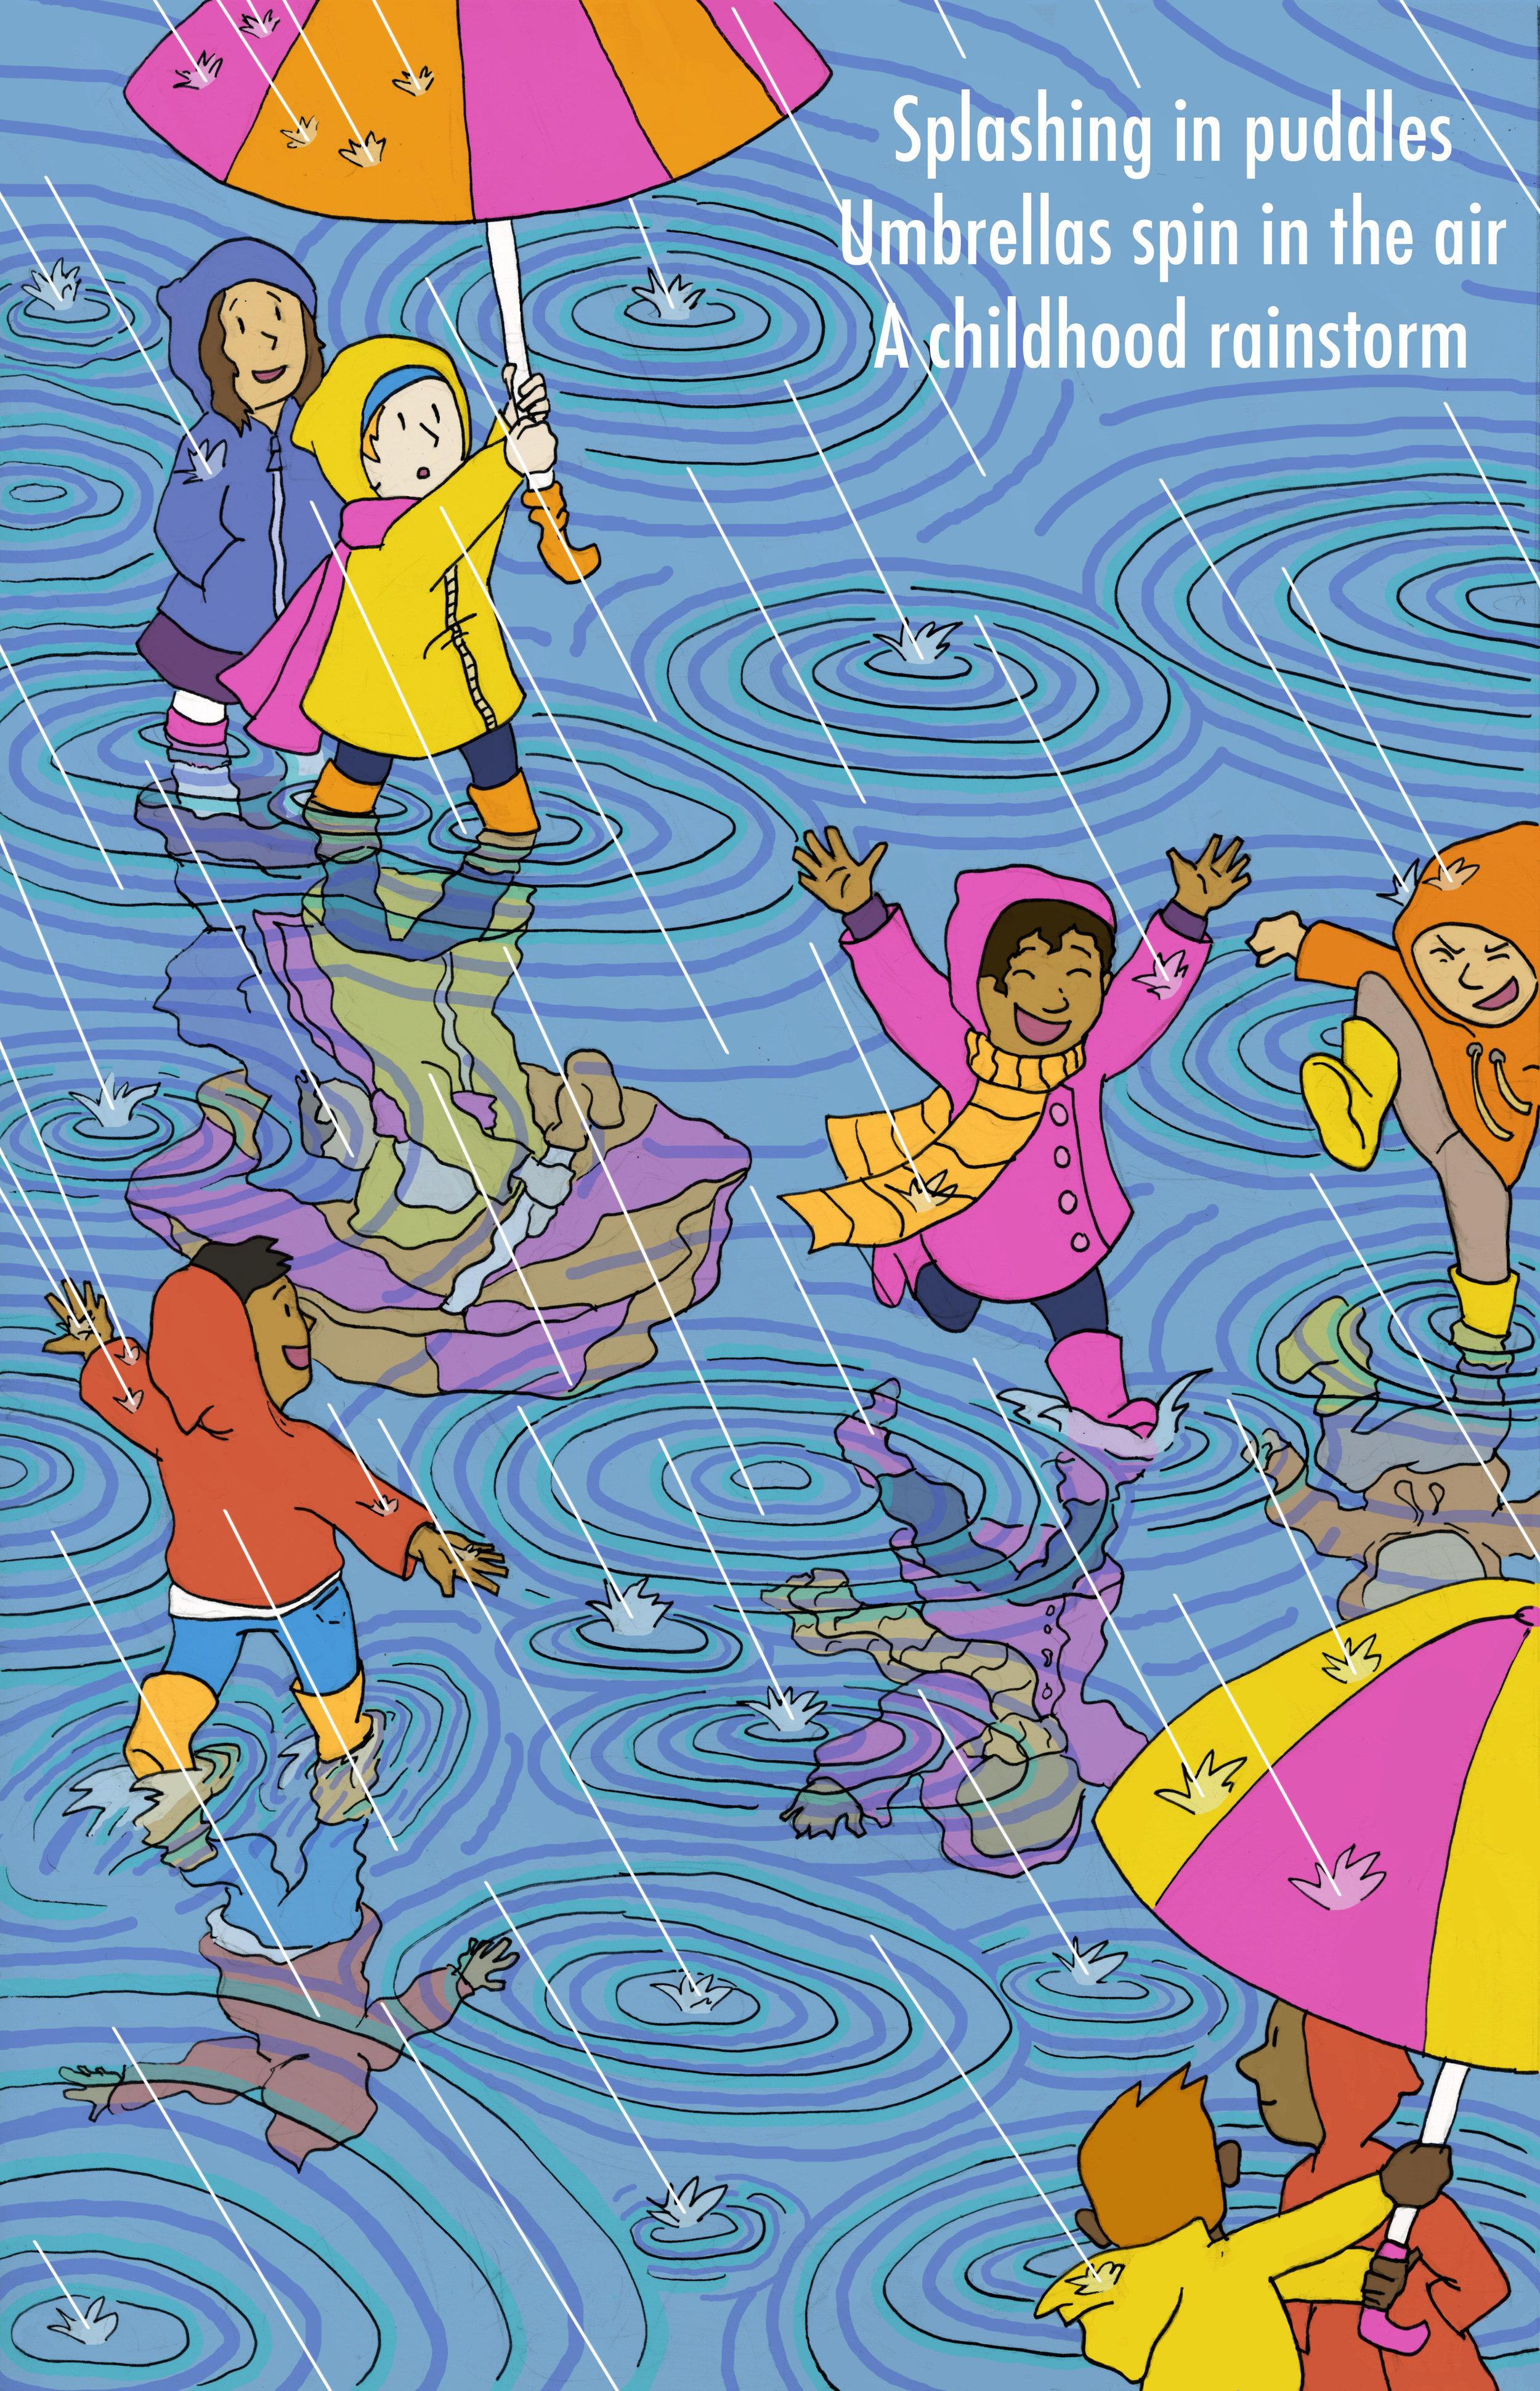 Children's Illustration - Artwork intended for kids